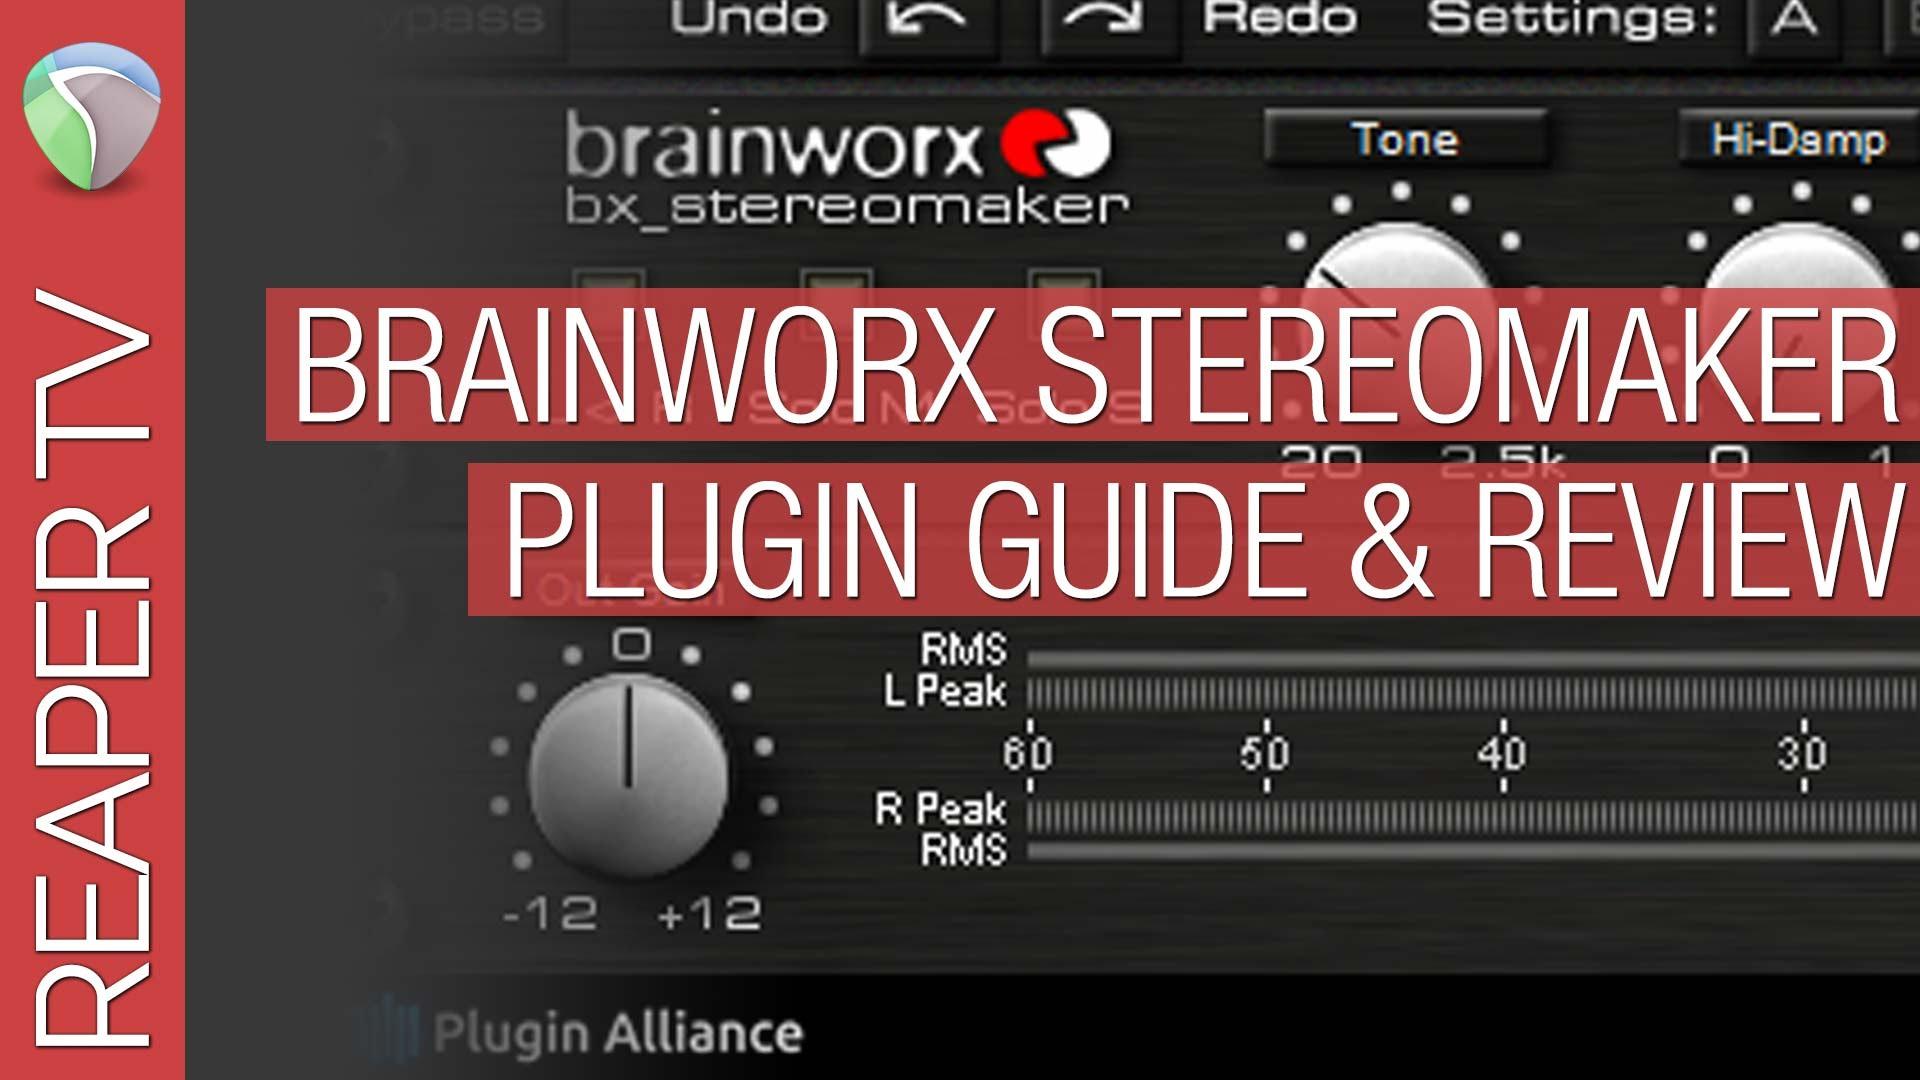 Reaper & Brainkworx bx_Stereomaker Guide